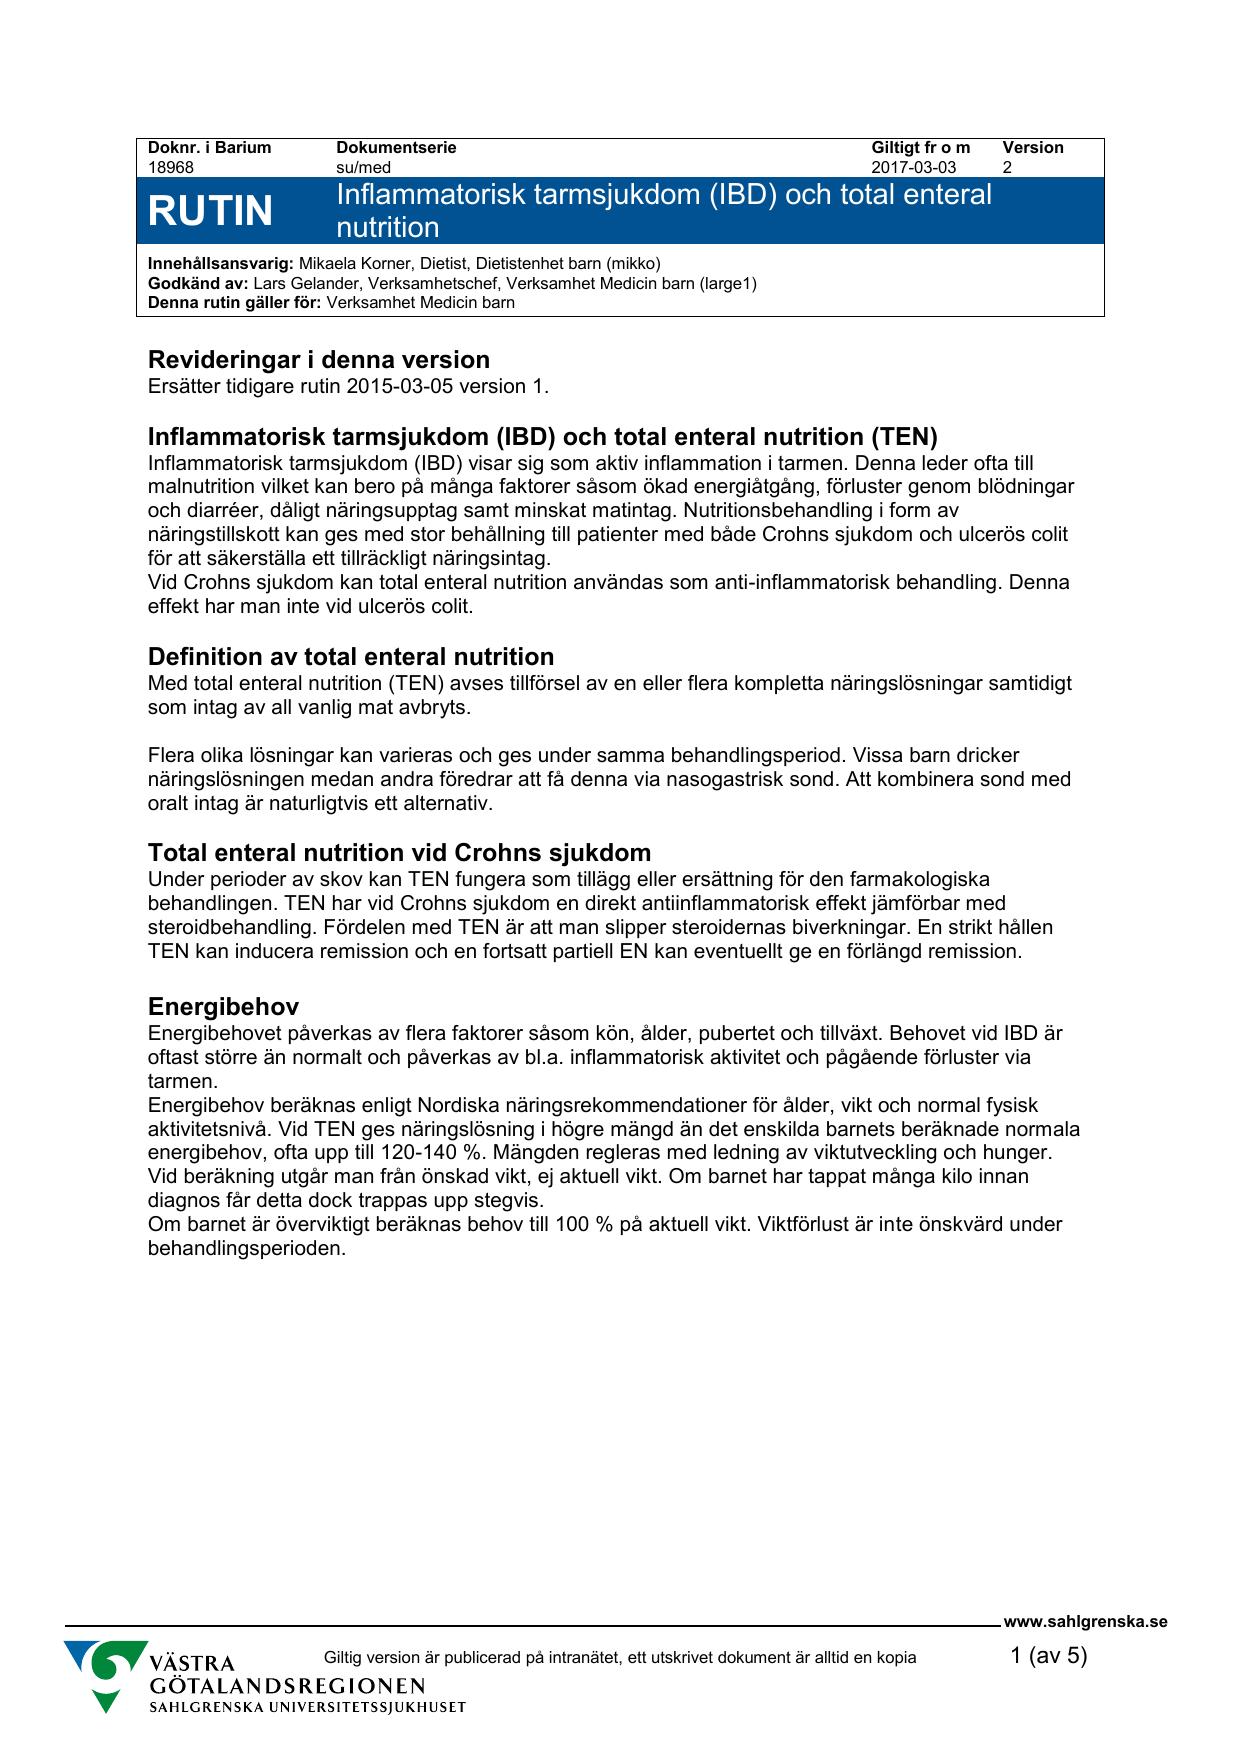 Inflammatorisk tarmsjukdom (IBD) och total enteral nutrition db92af874ad7b